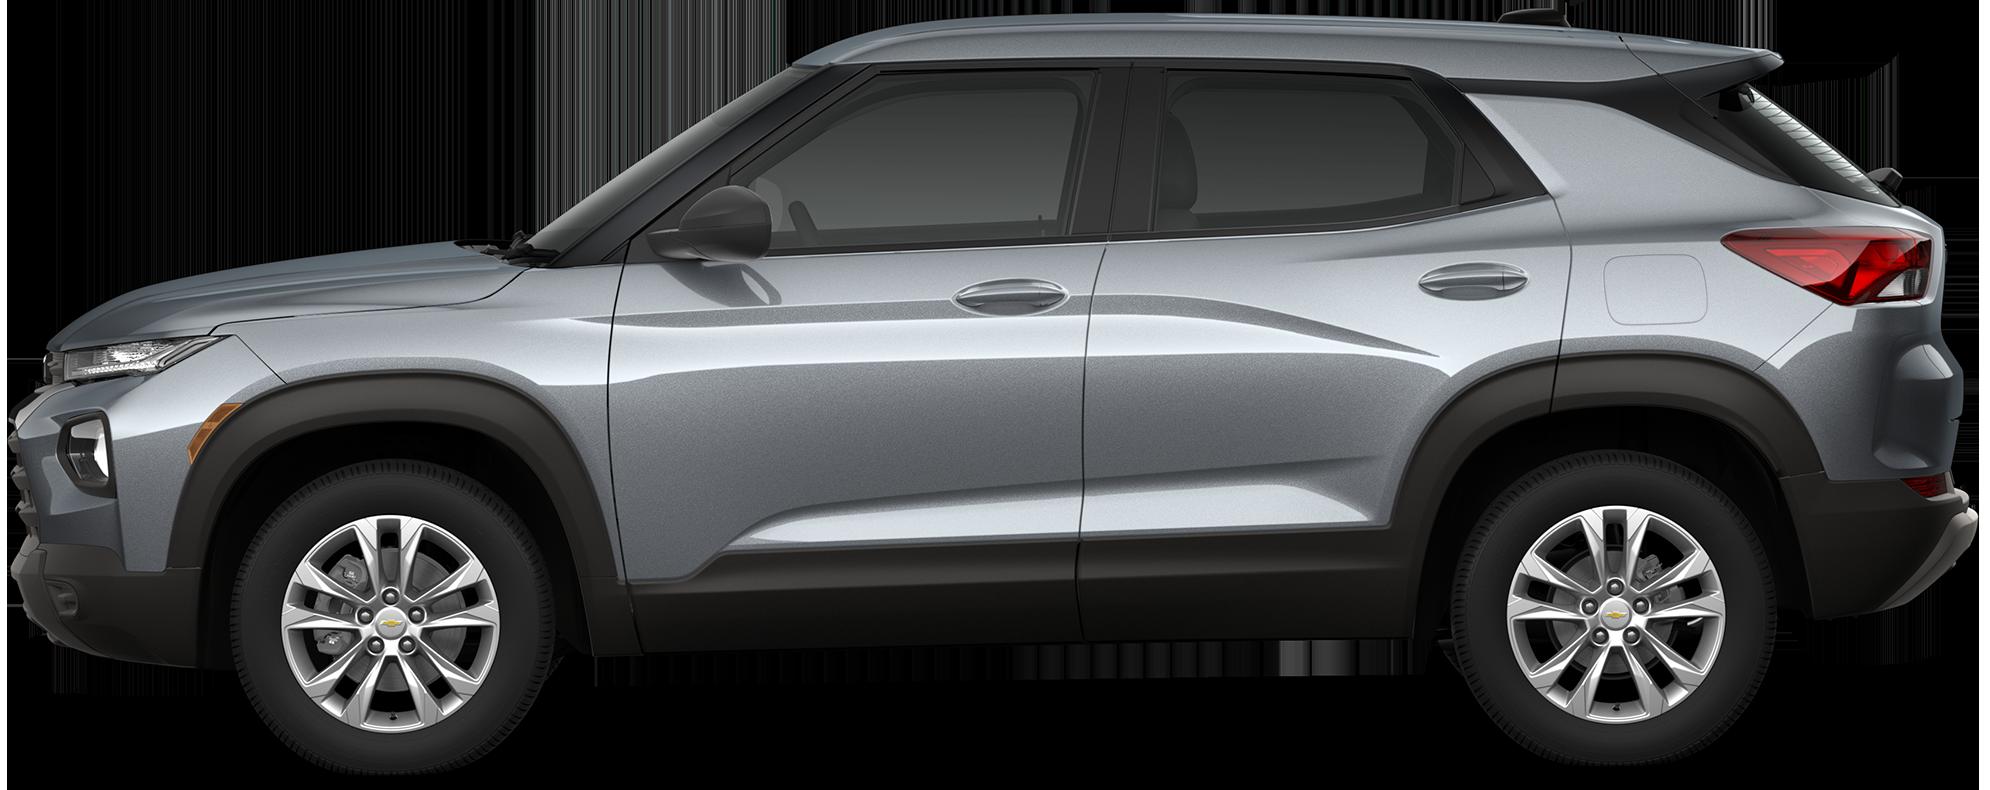 2022 Chevrolet Trailblazer SUV LS